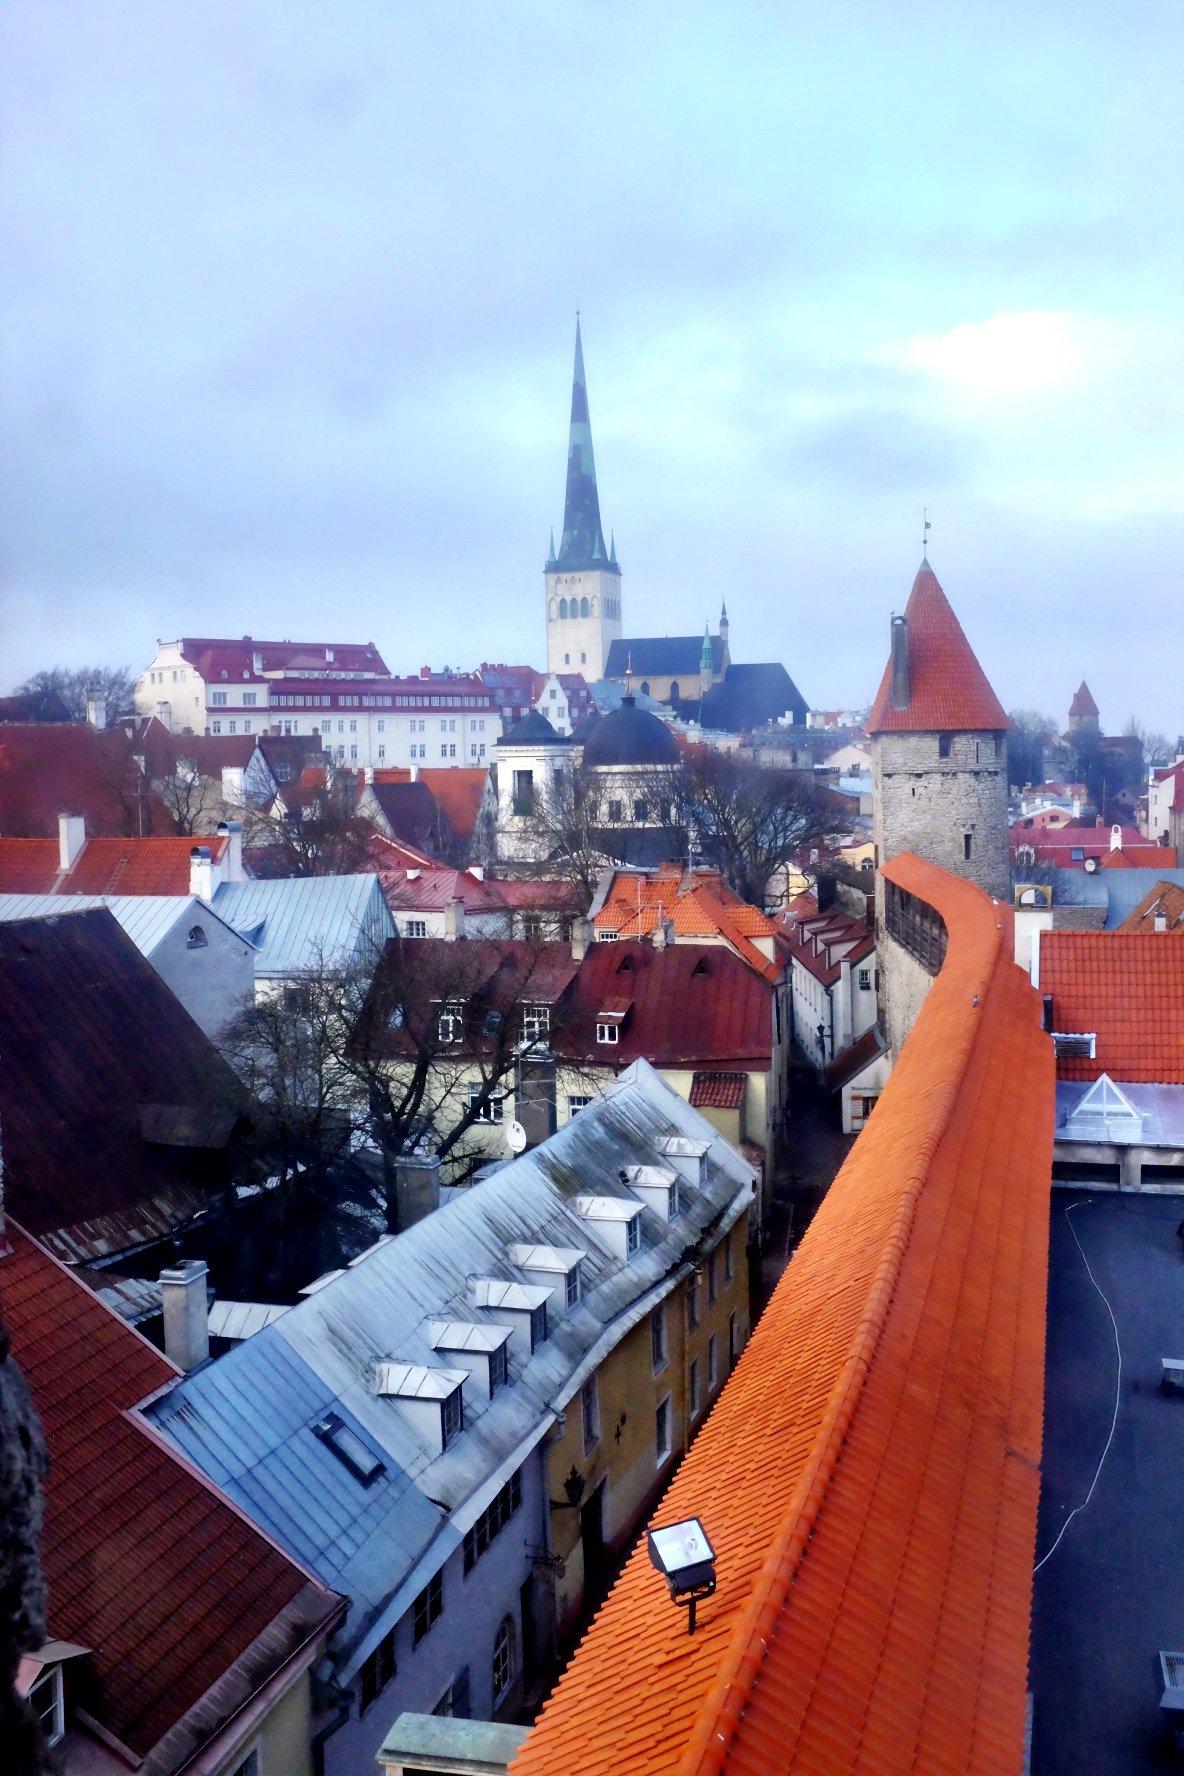 Tallinn as seen from the walls